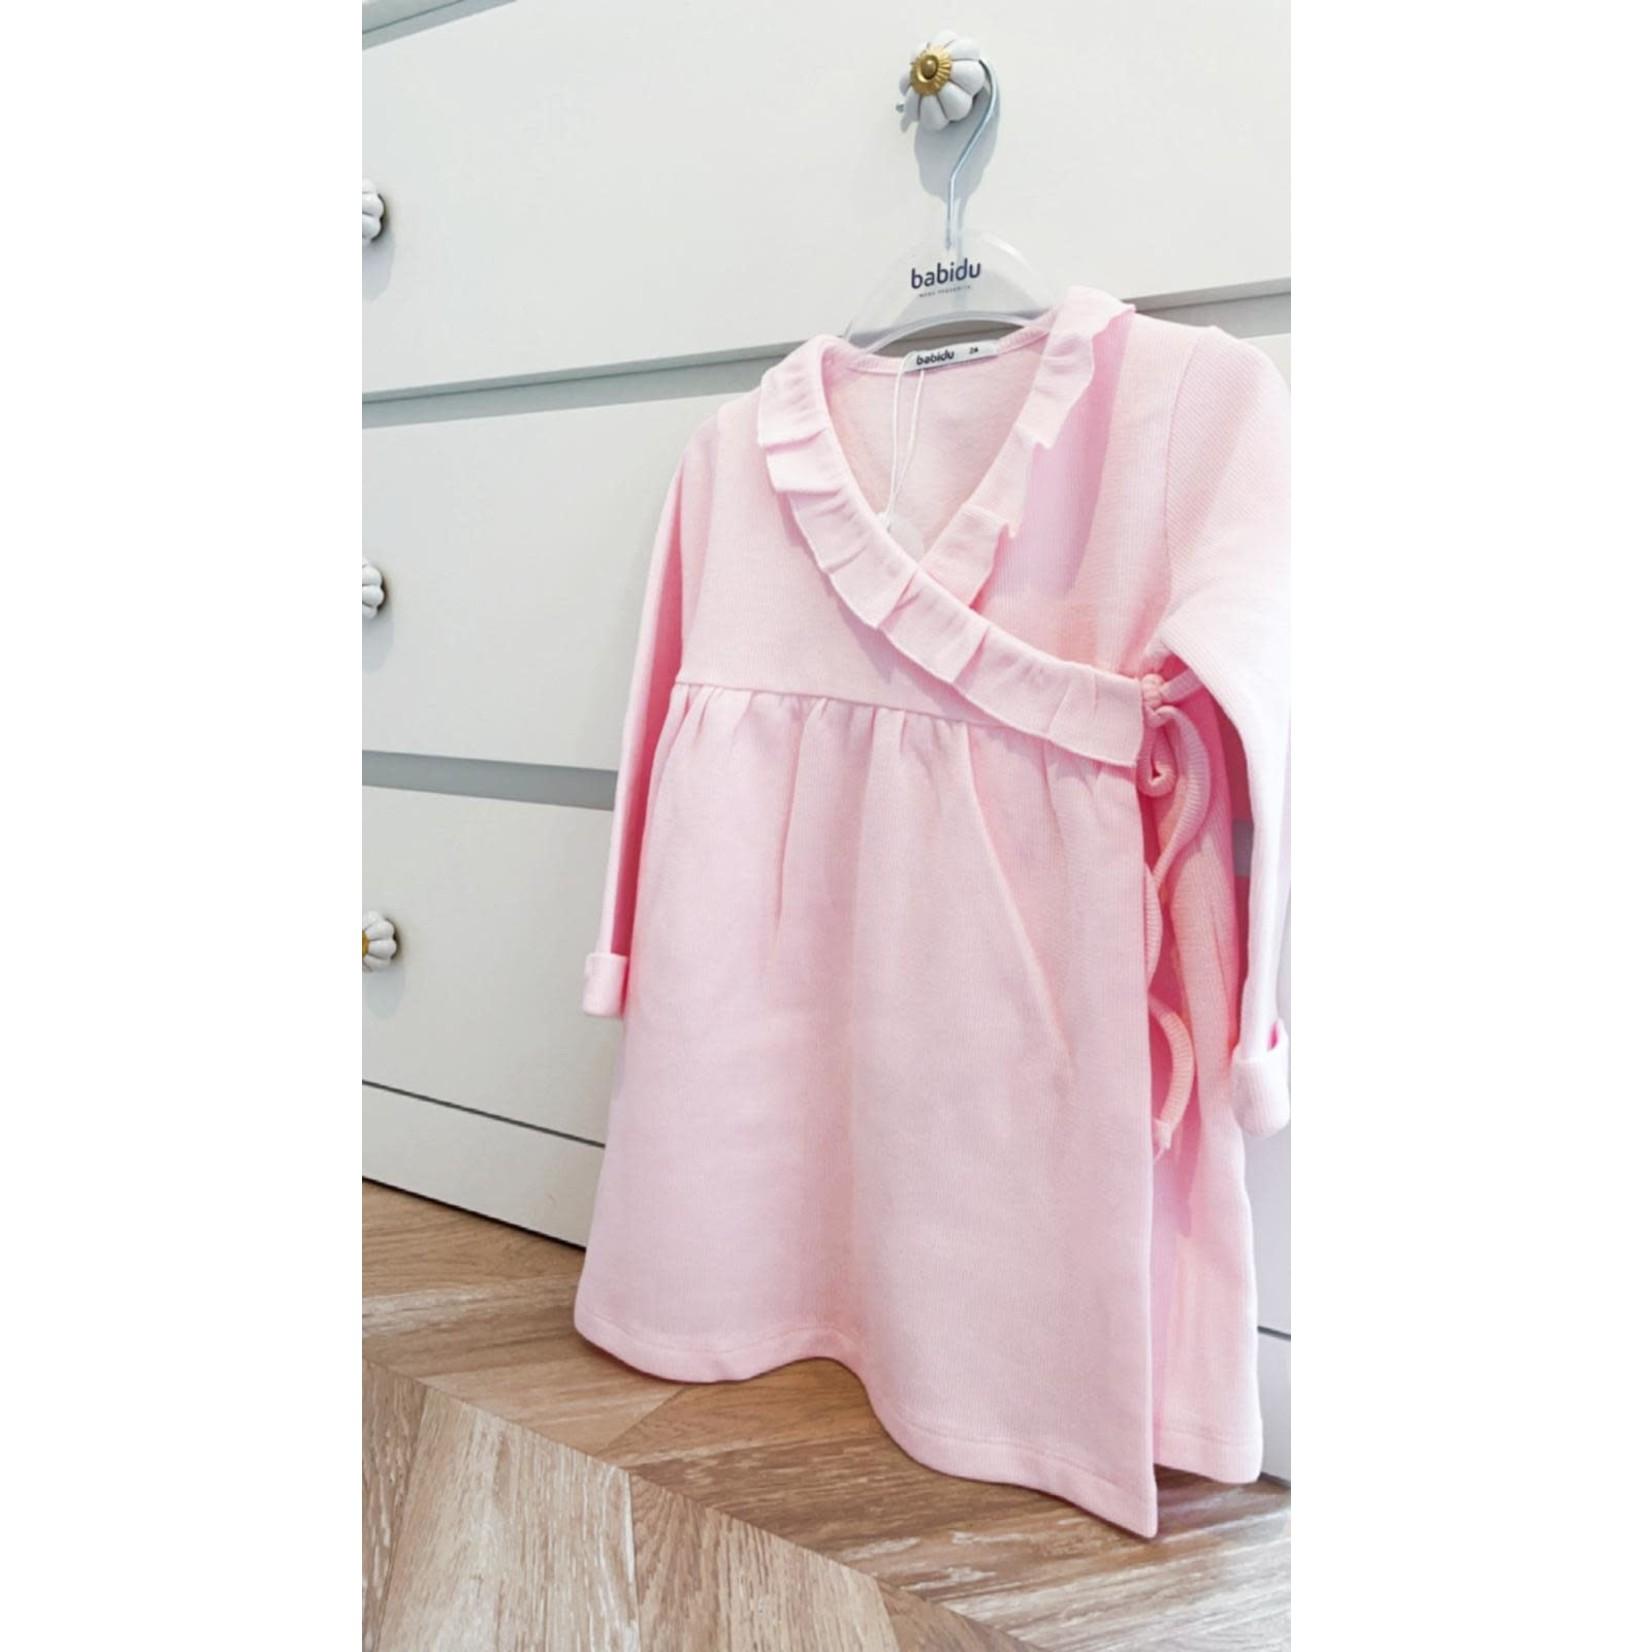 Babidu Dressing Gown - Babidu